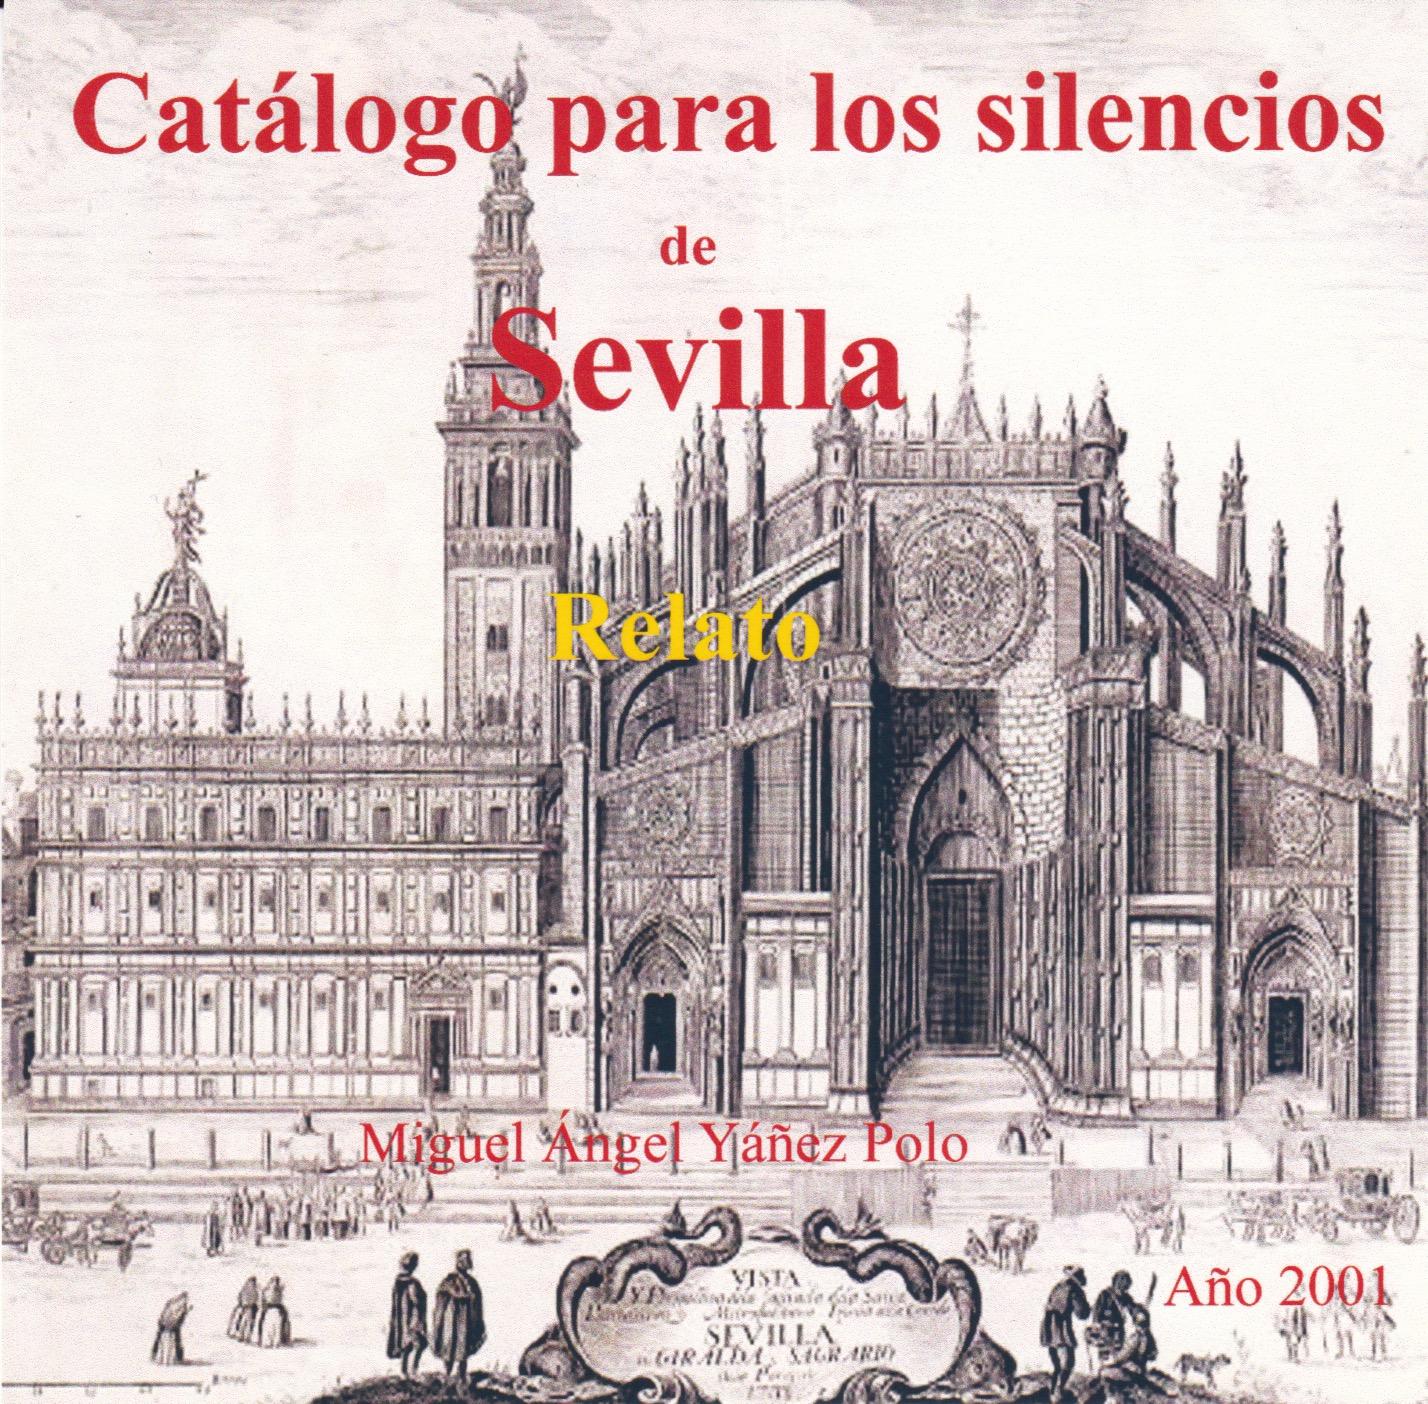 Catálogo para los silencios de Sevilla